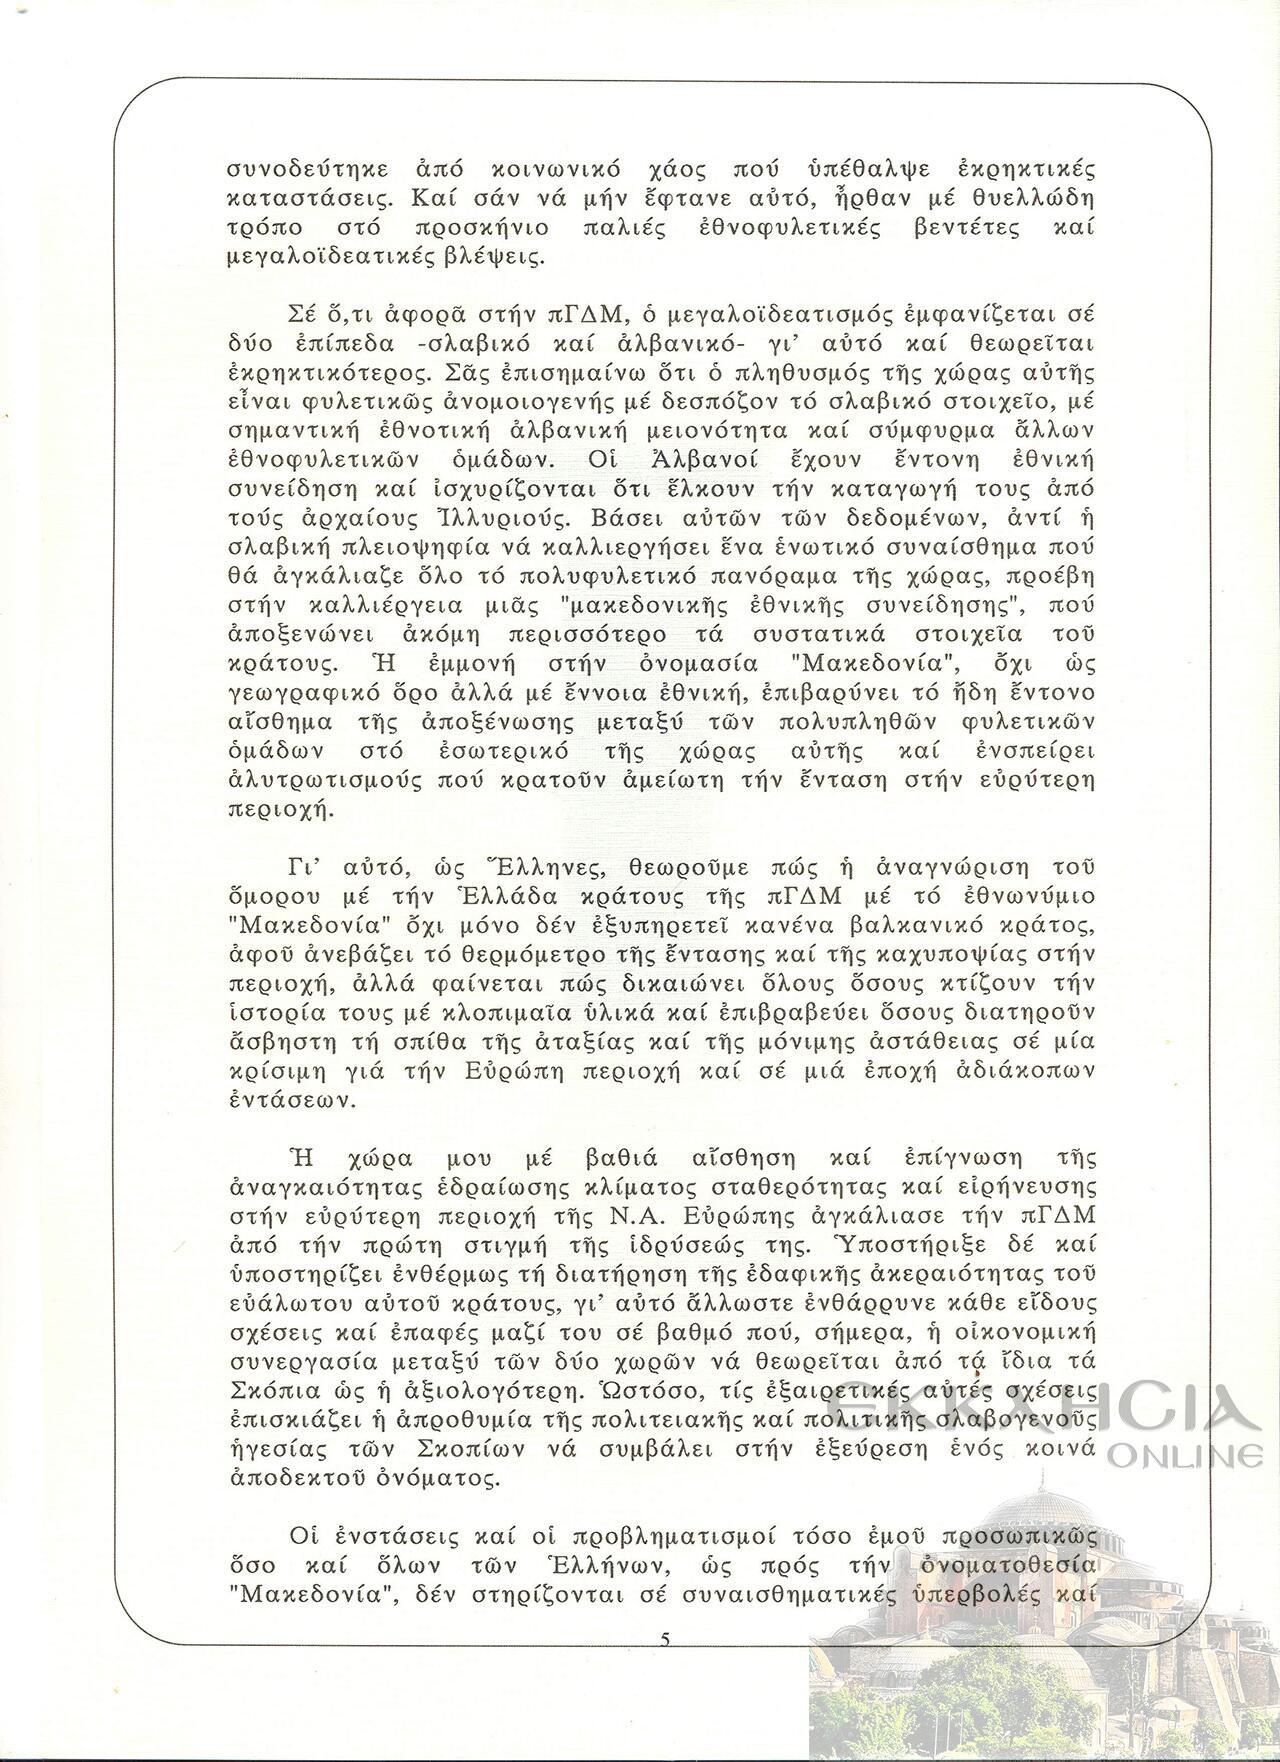 επιστολή Χριστόδουλου Μακεδονικό σελίδα 5